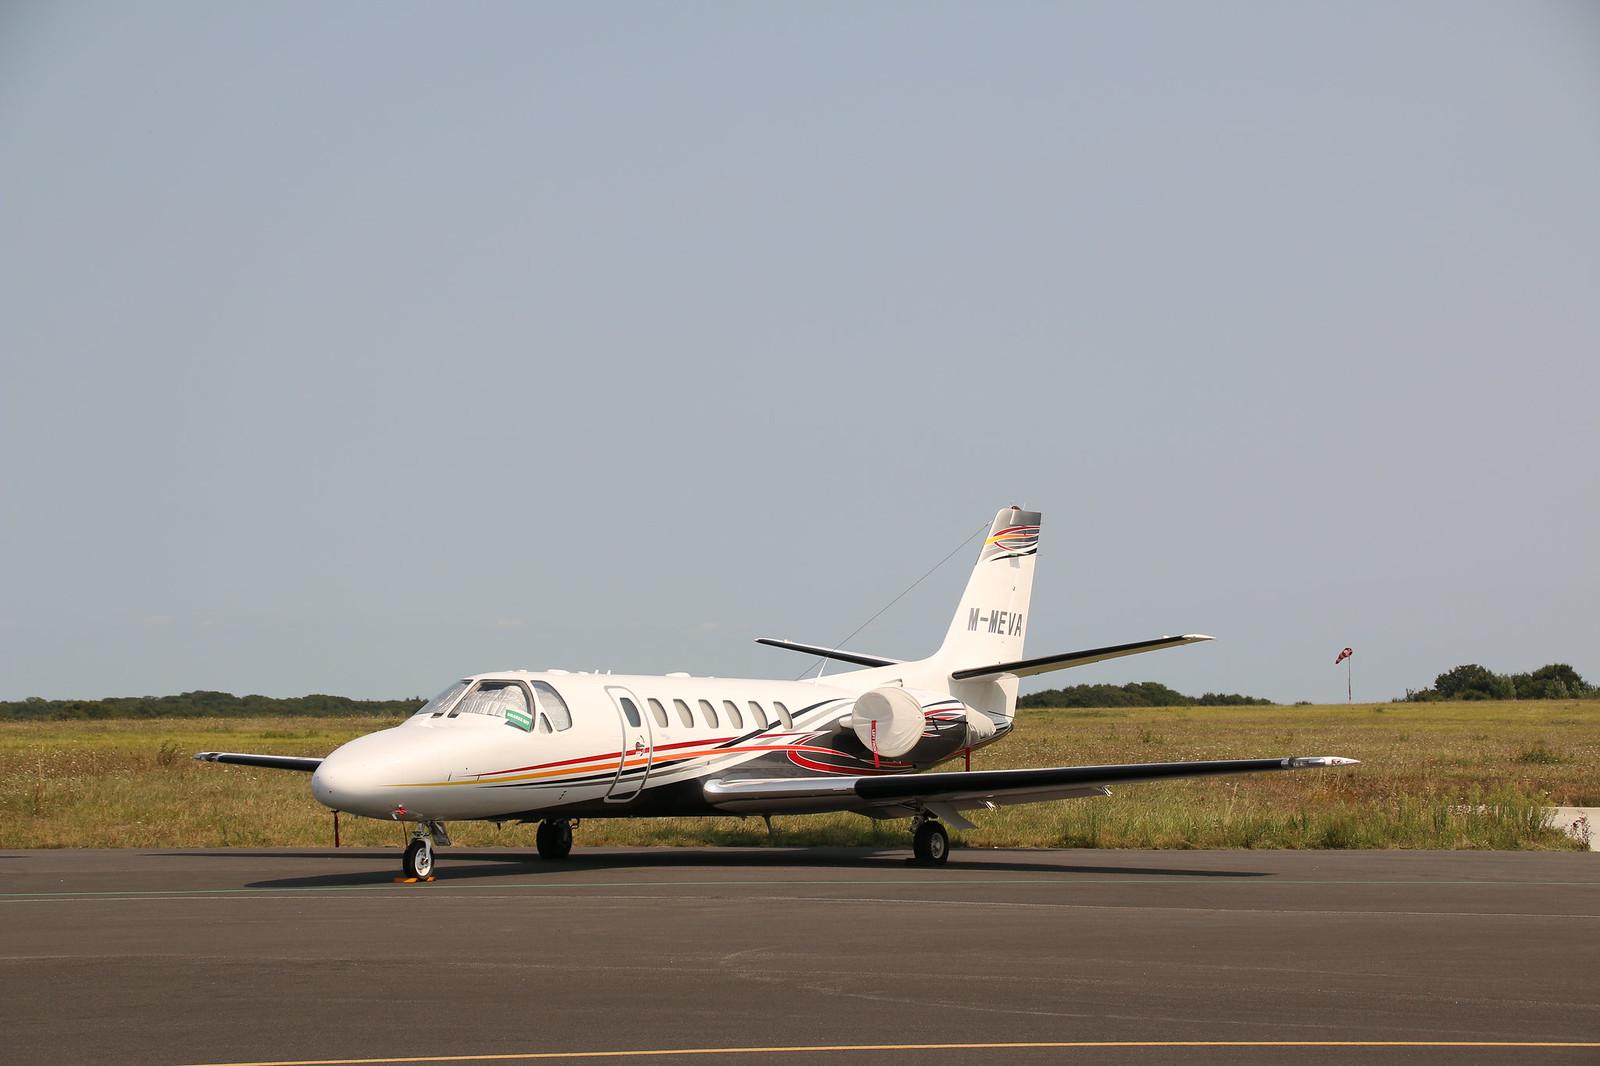 Aérodrome de La Baule Escoublac - Page 4 44069091302_4434c1388d_h